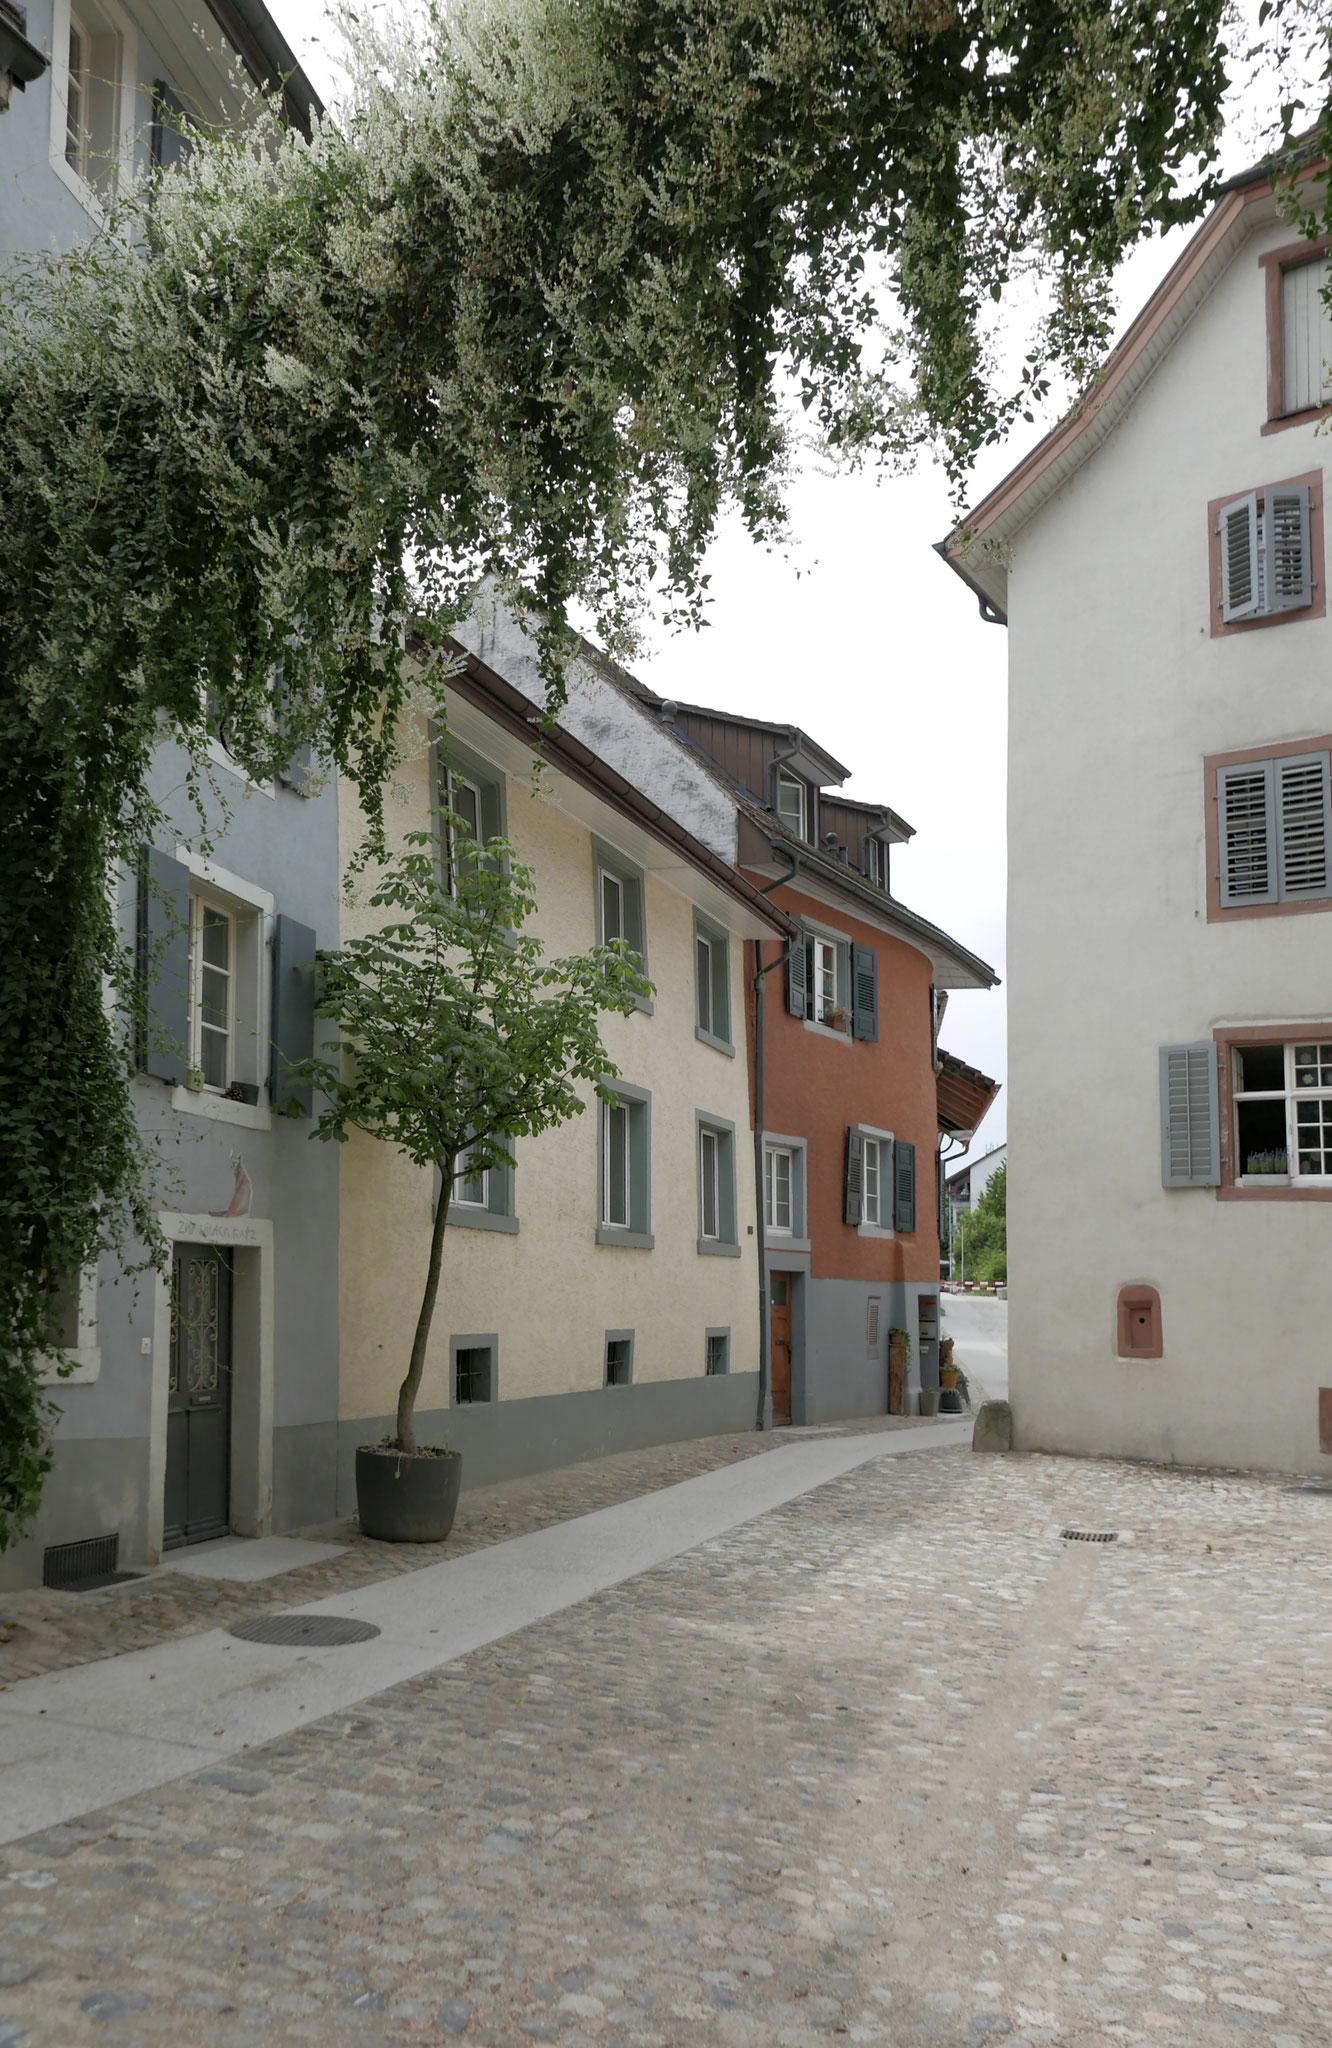 Farbrundgang_Rheinfelden2.jpg